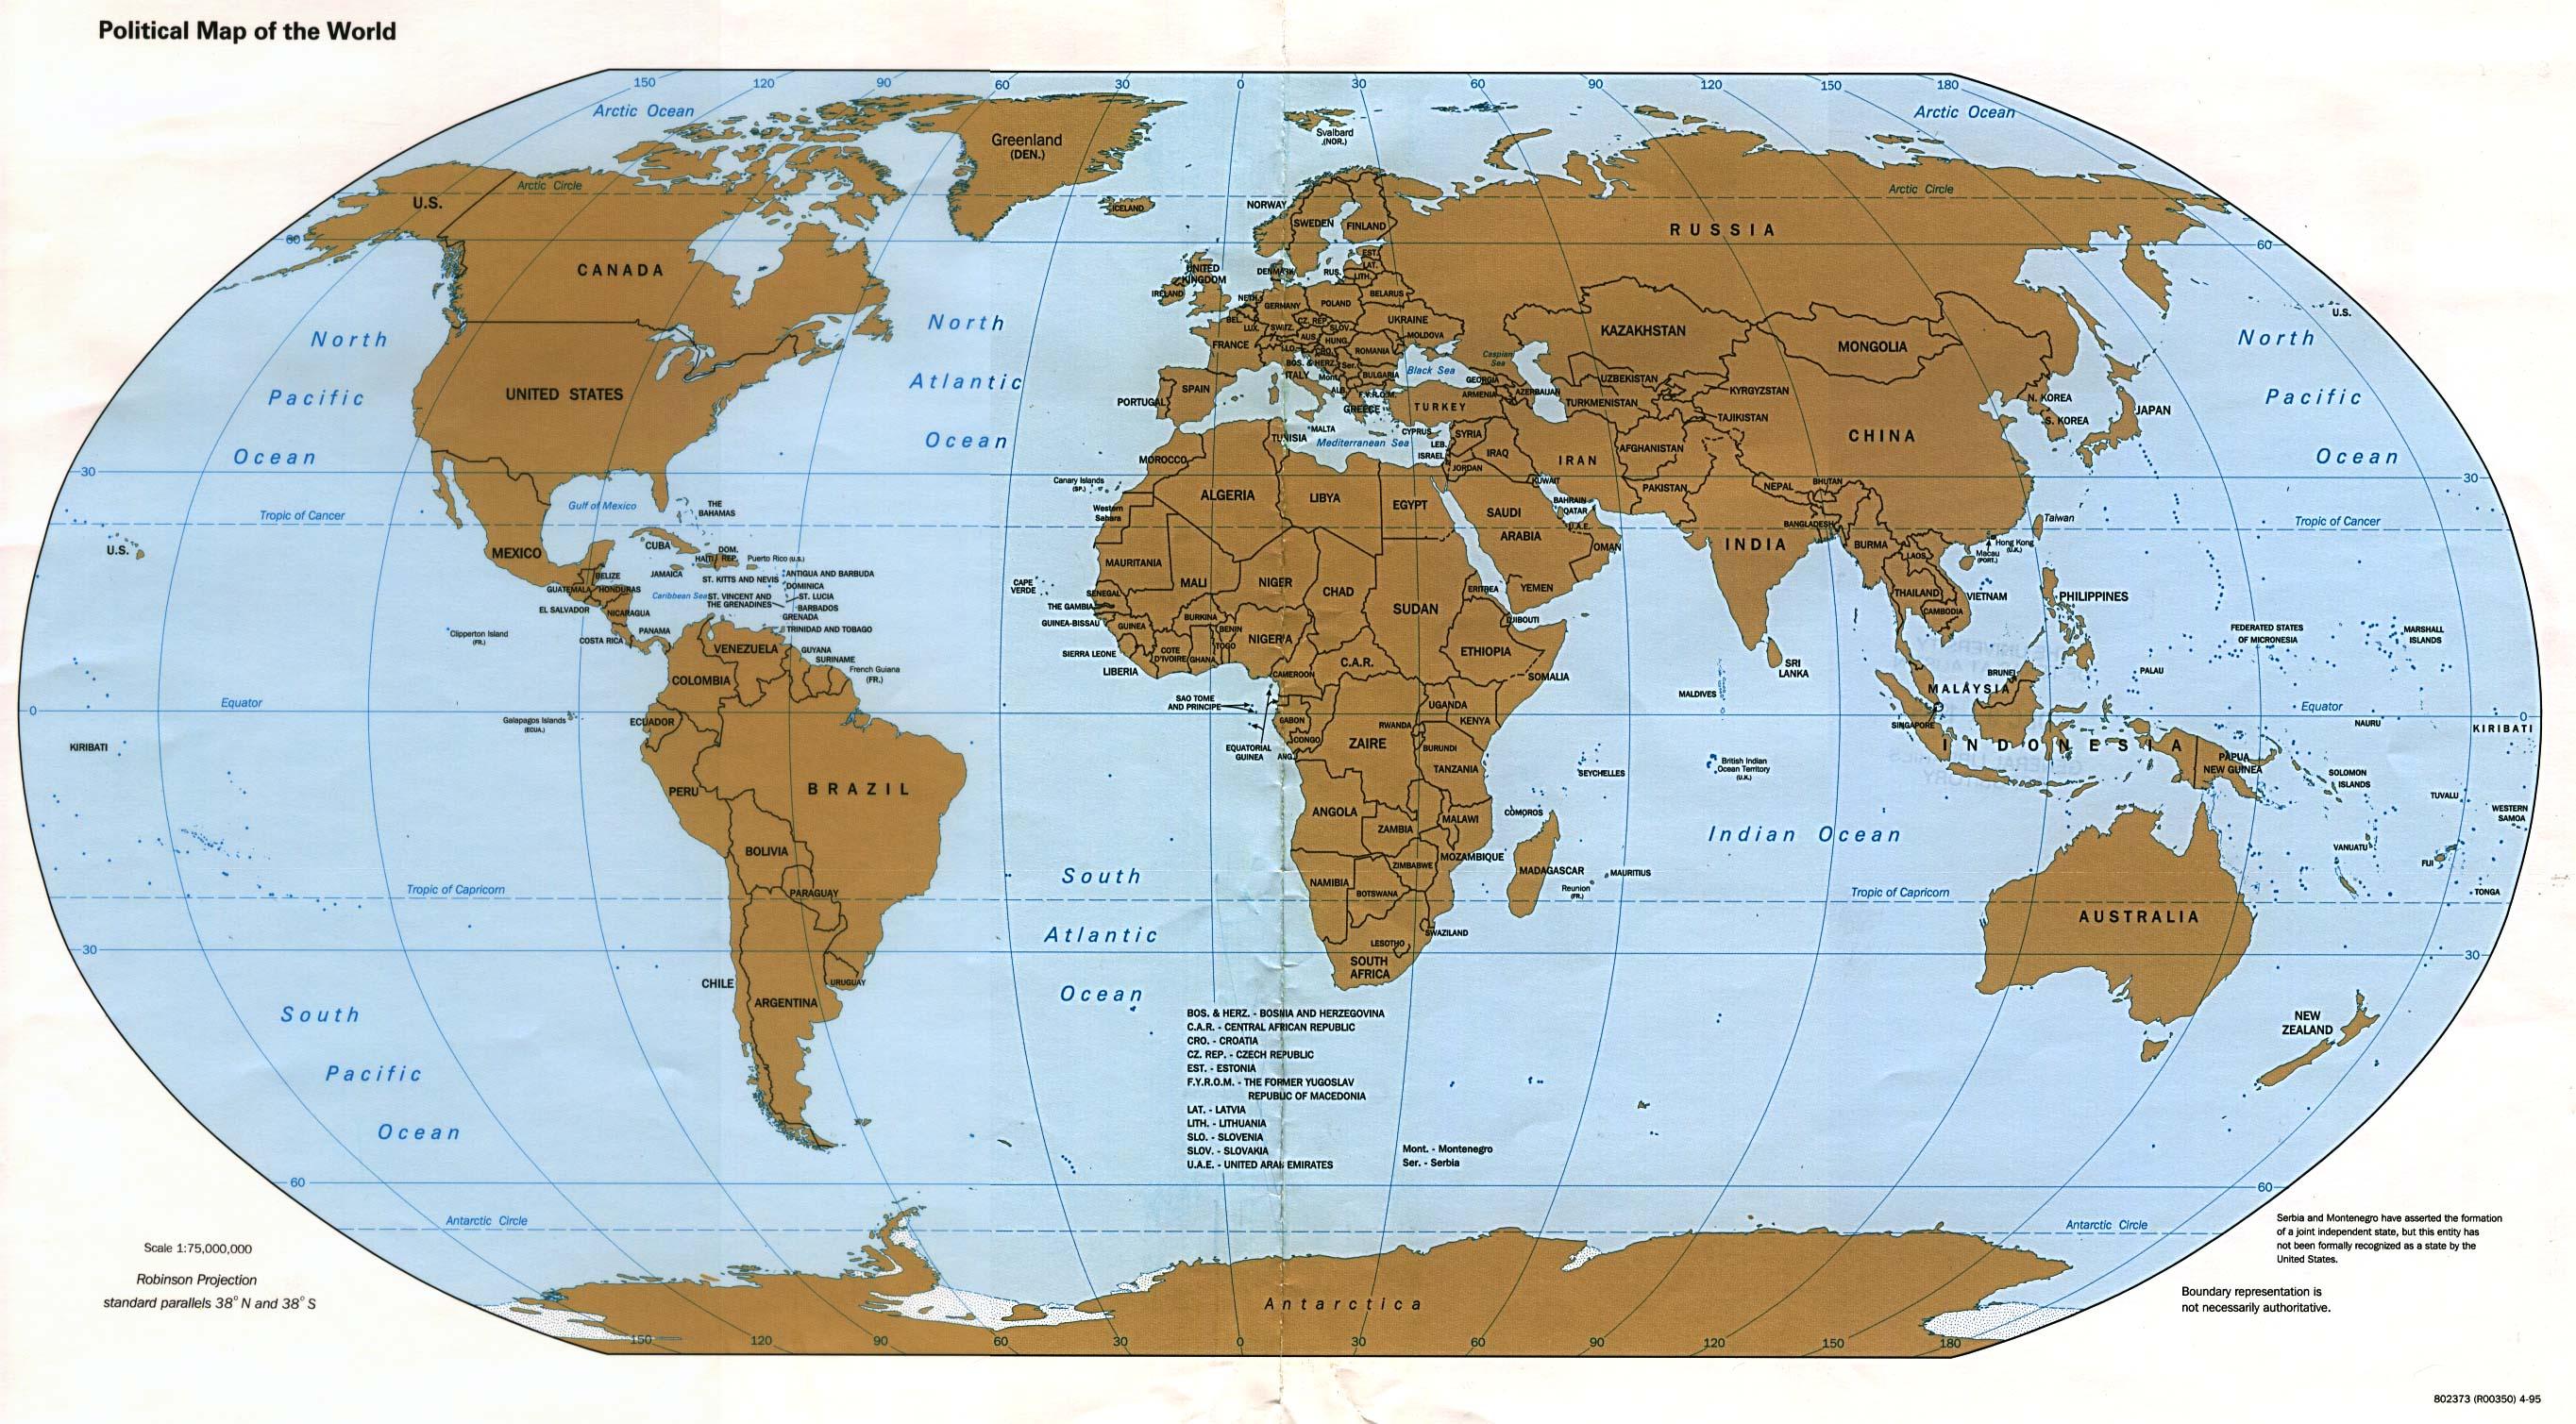 Mapa Politico del Mundo 1995